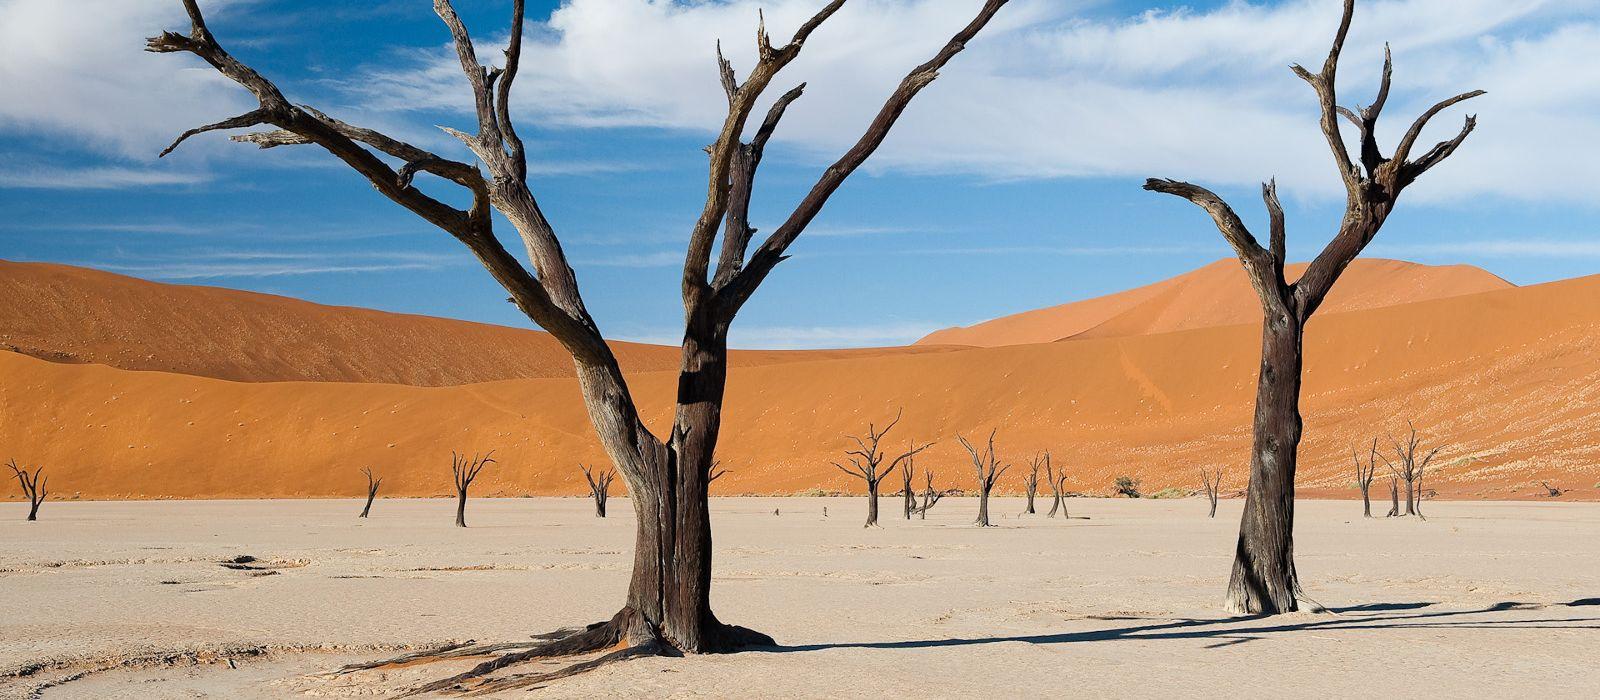 Dessert landscape in Sossusvlei, Namibia